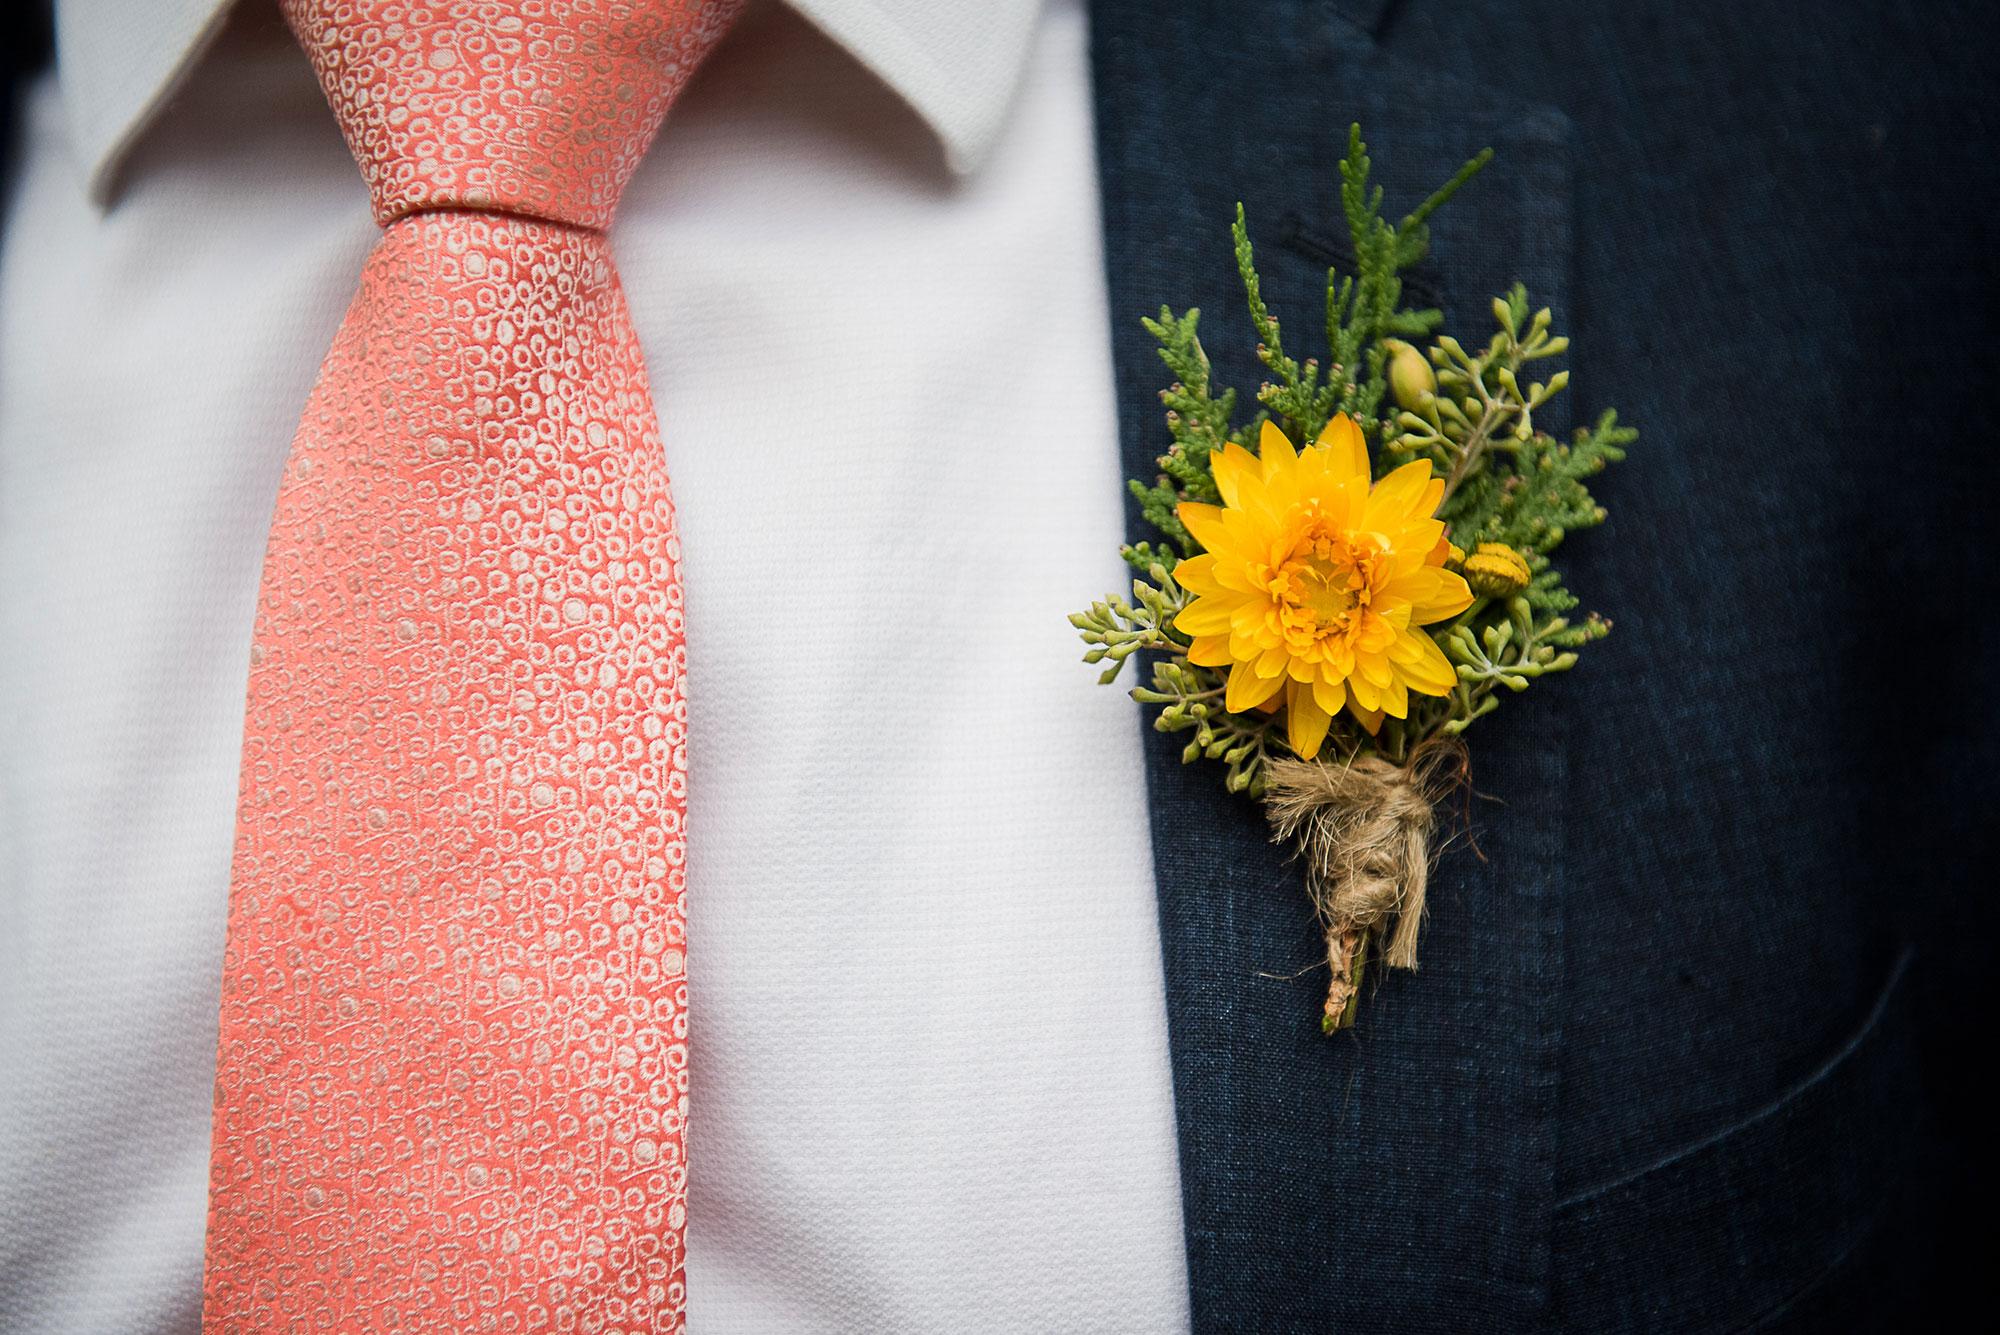 perennia_yellow_wild_flower_boutineer.jpg